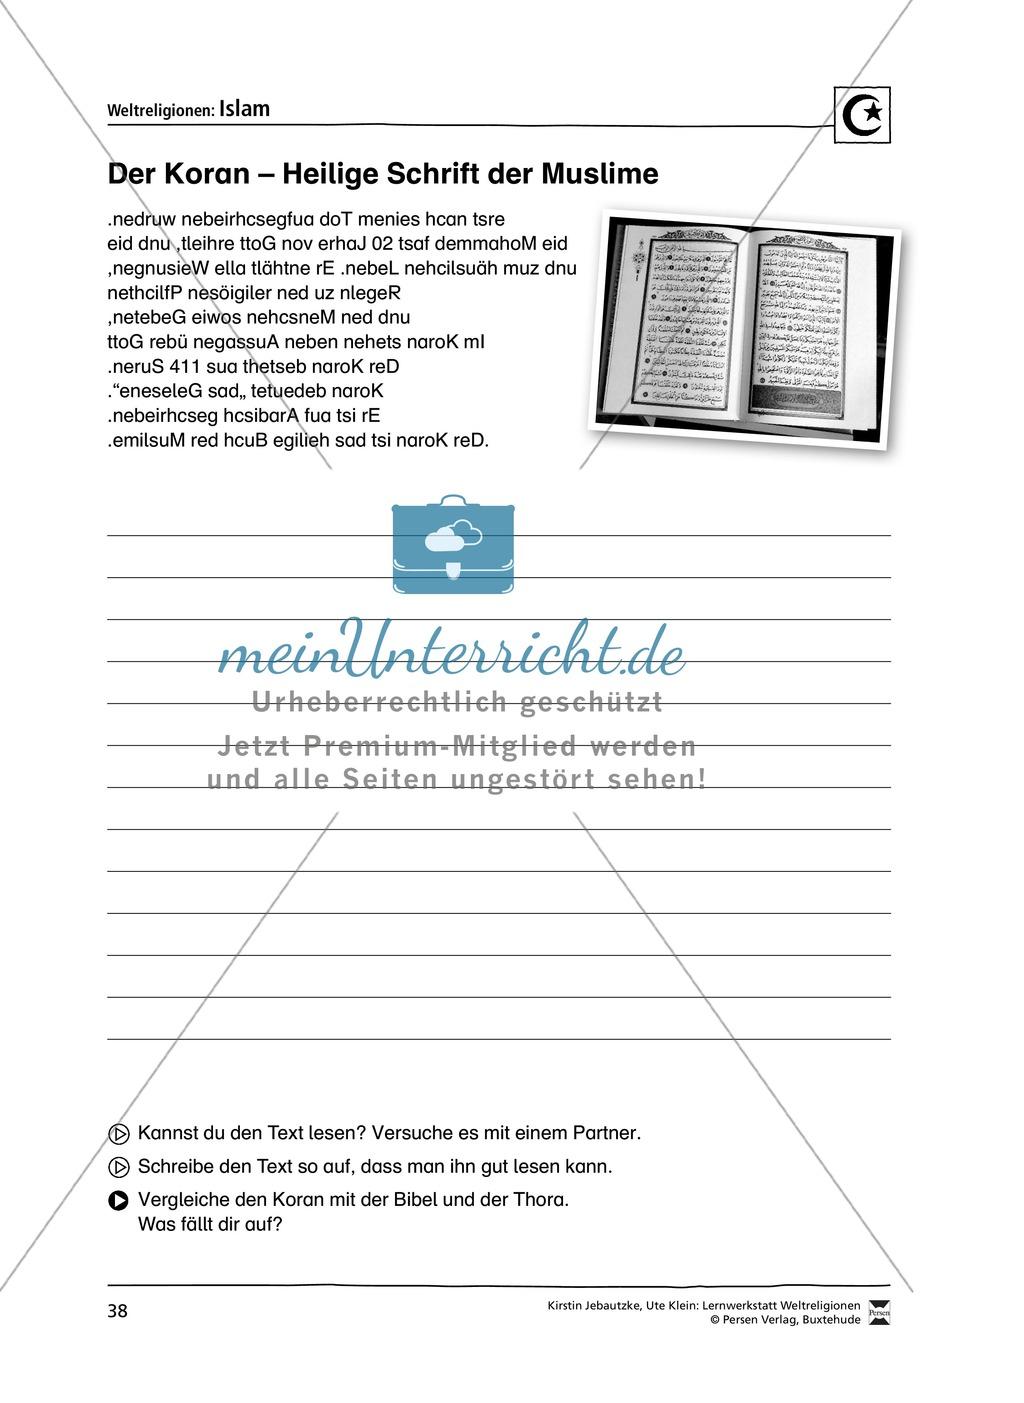 Unterrichtsmaterial zum Islam - mit Infomaterial zu Gottheit, Koran, Moscheen, Feiertagen uvm. Preview 4